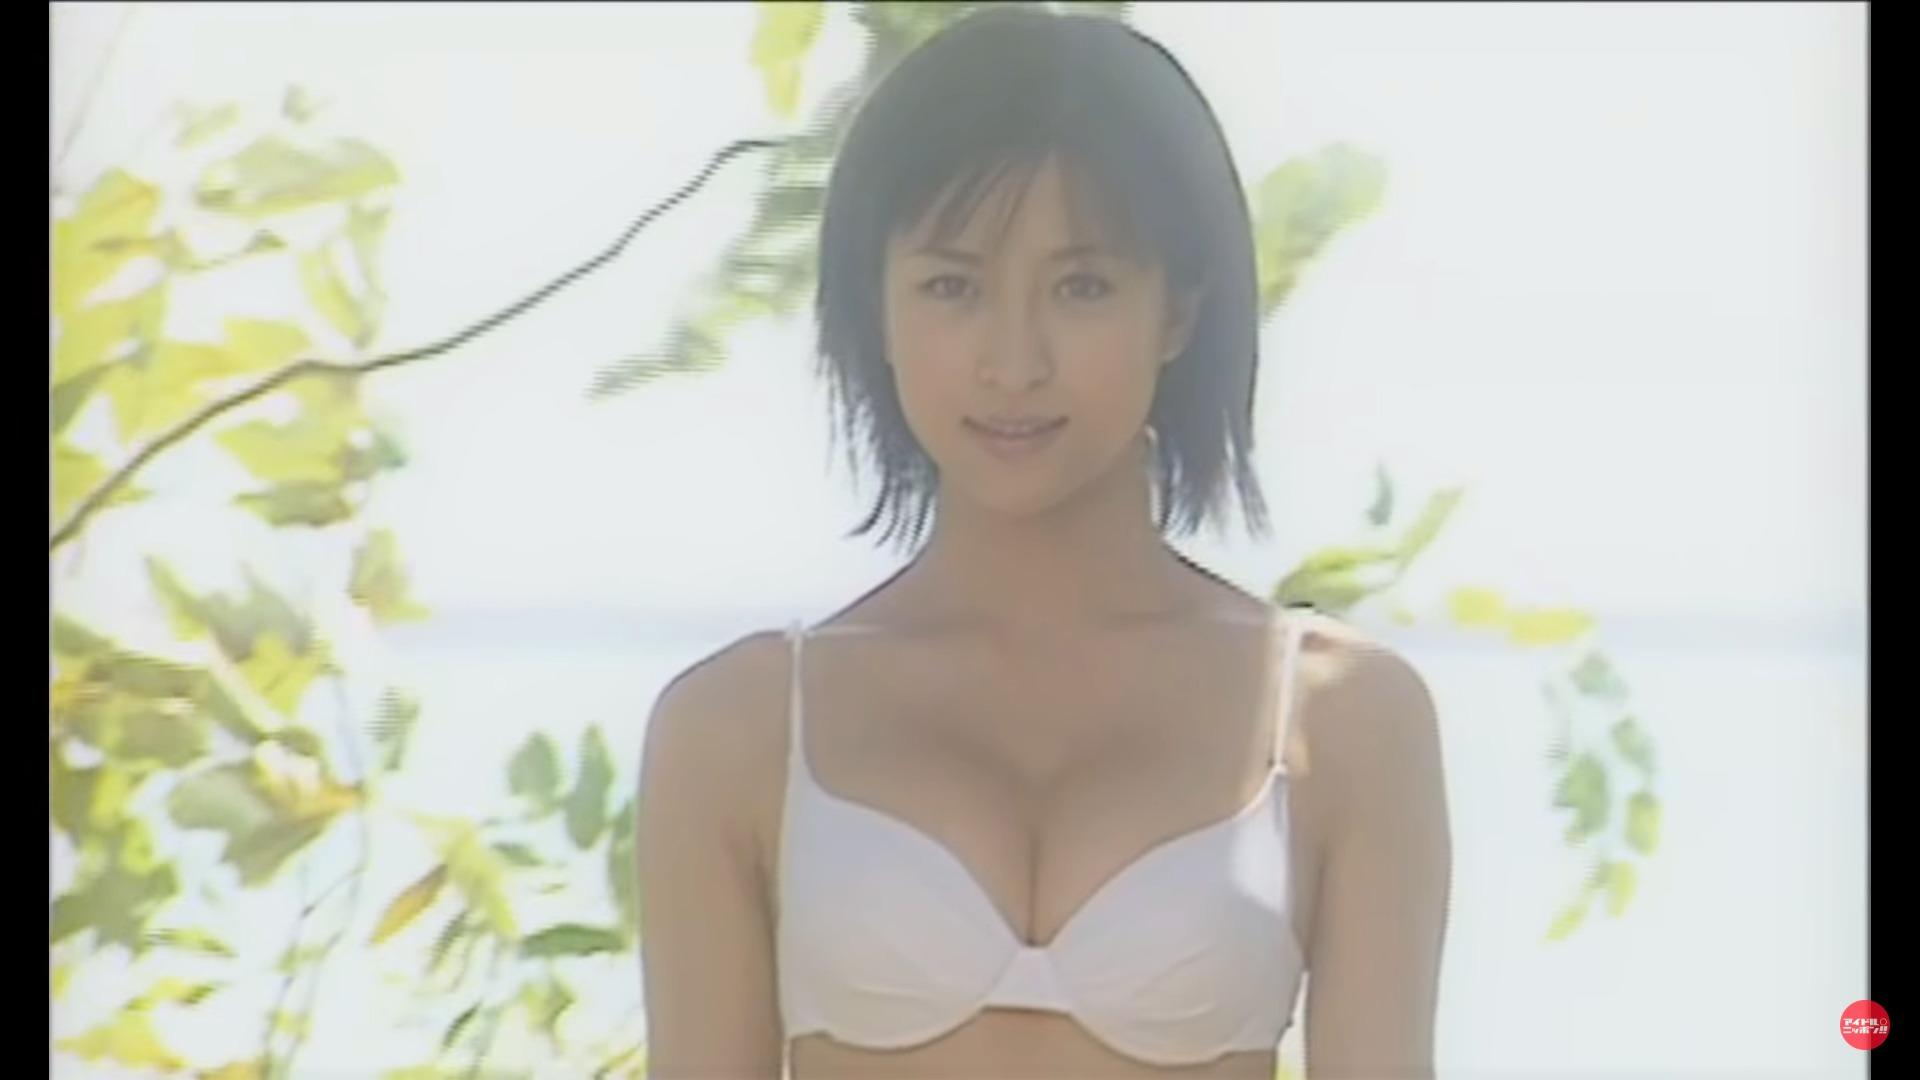 【仲根かすみ】Dカップ 「夏とかすみと太陽と…」サンプル動画